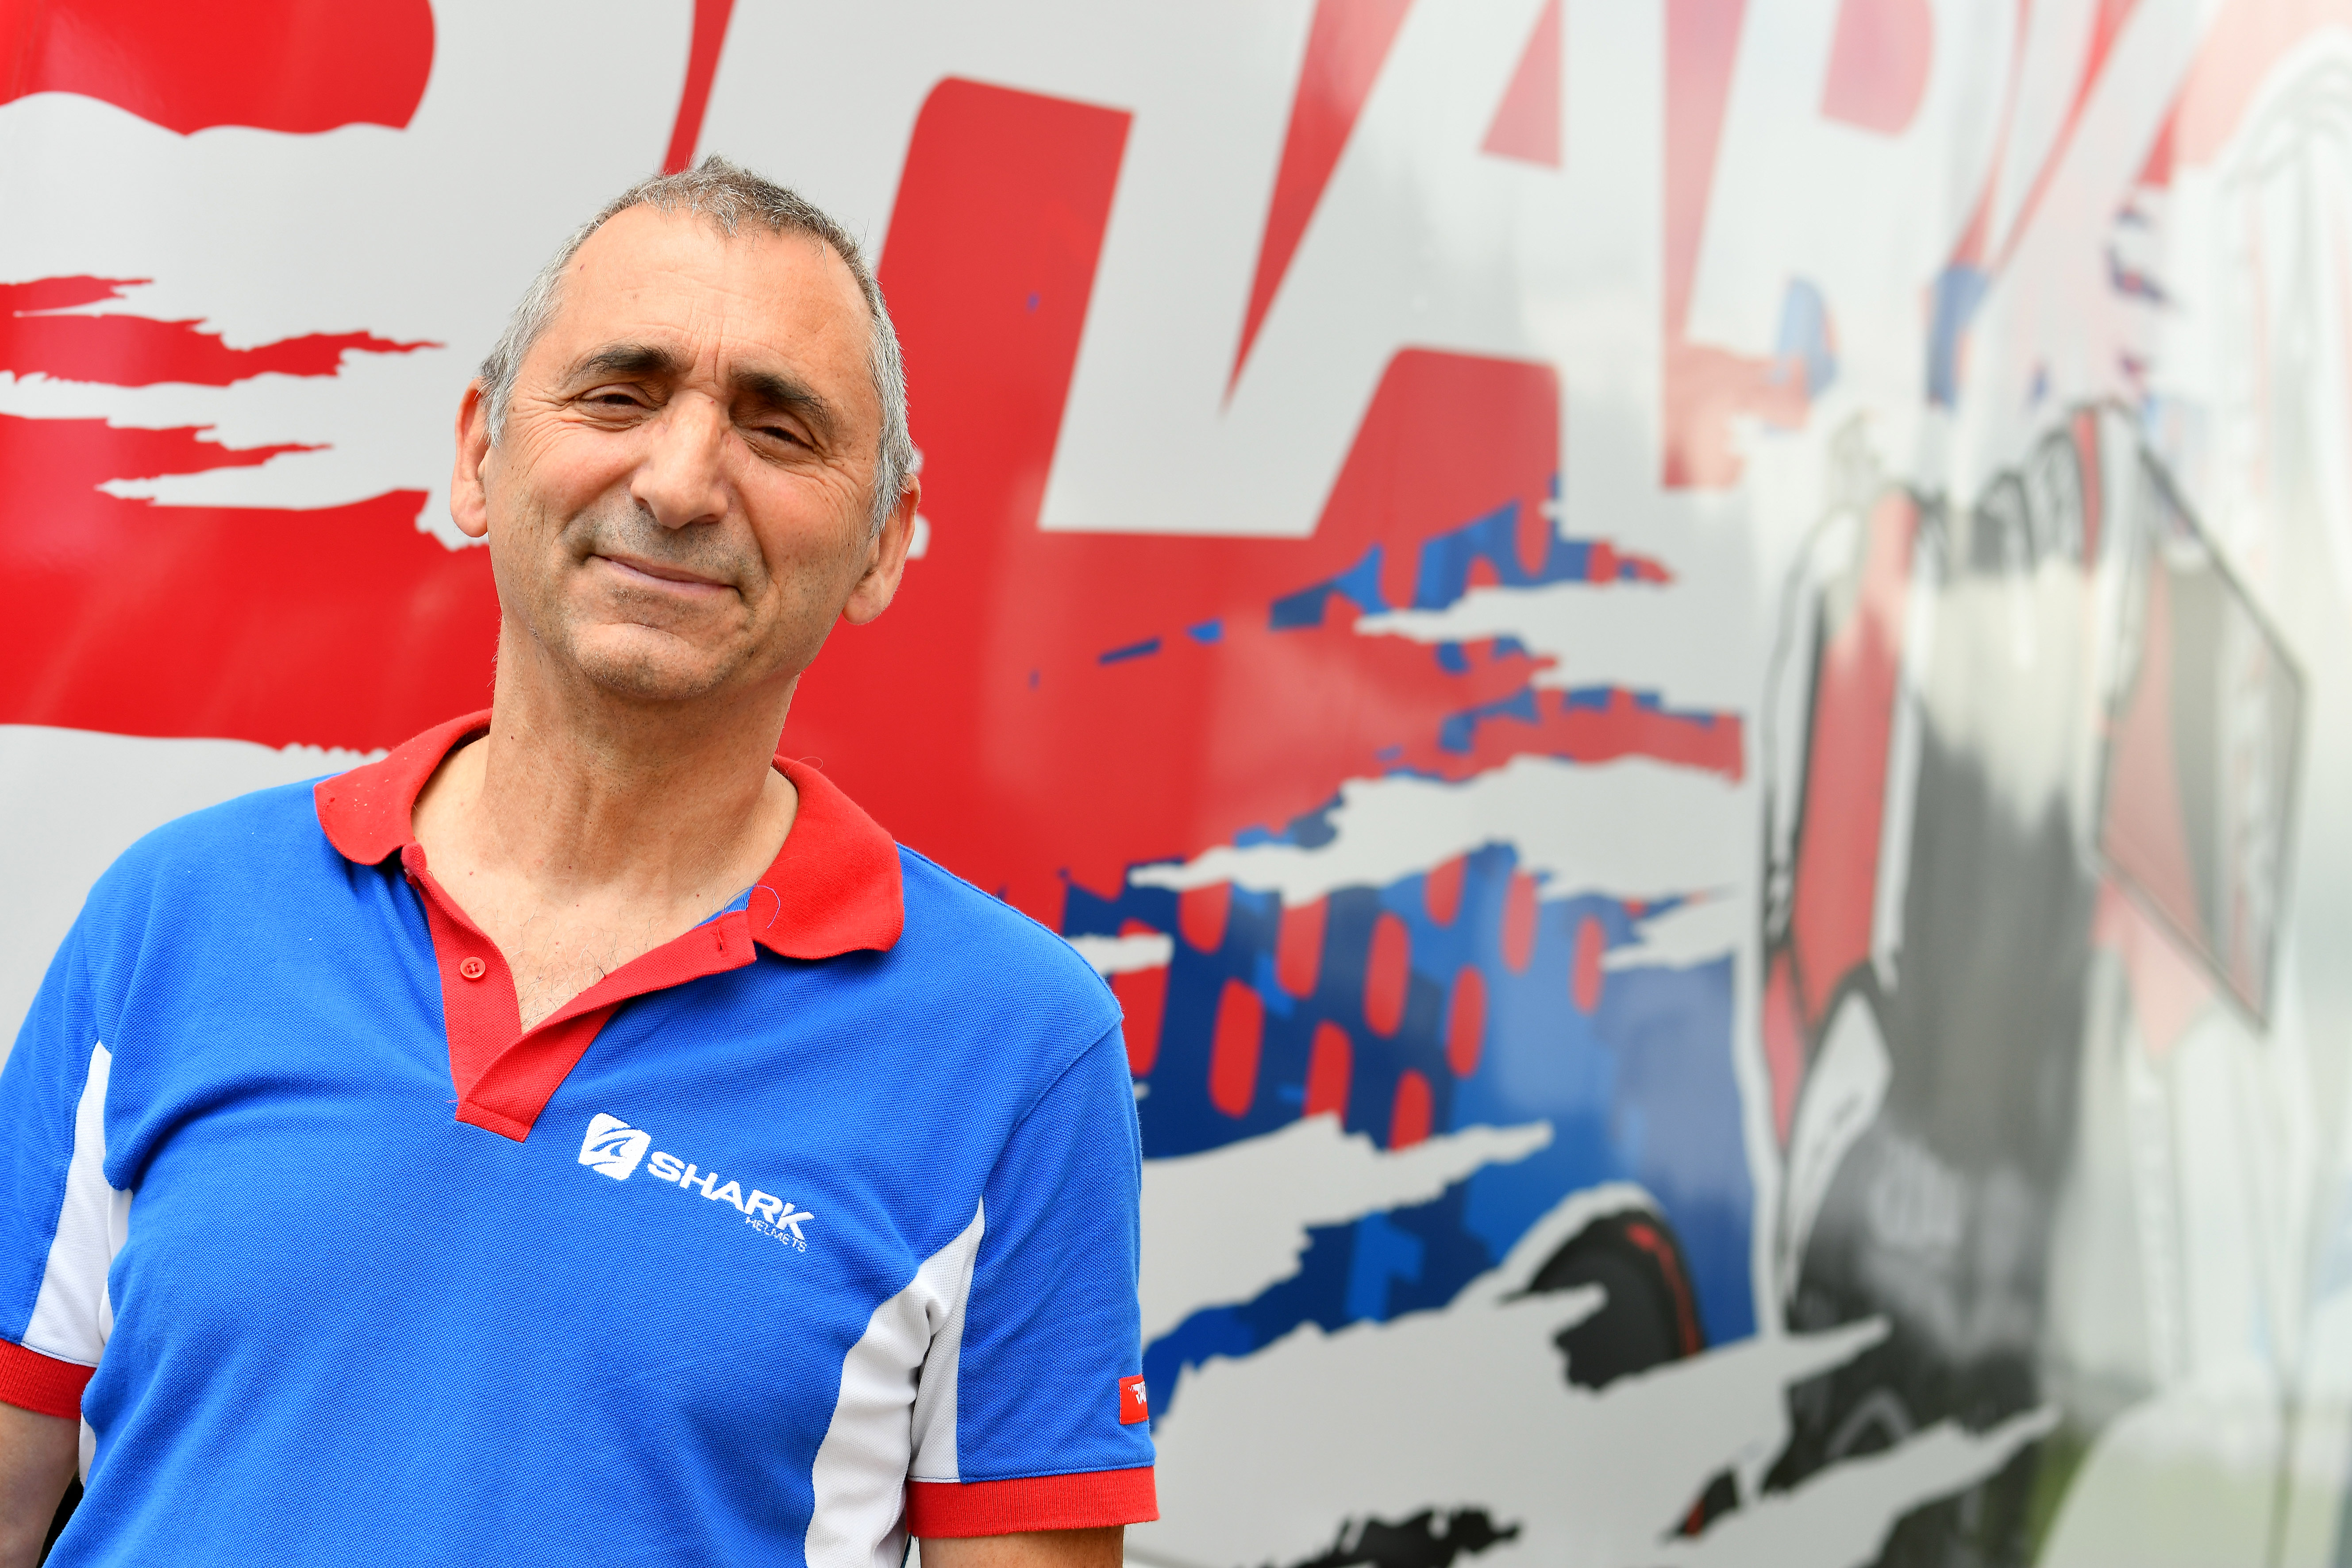 Depuis 20 ans, Jean-Jacques Lacroix s'occupe de la préparation des casques Shark des pilotes sur les Grand Prix de Moto GP